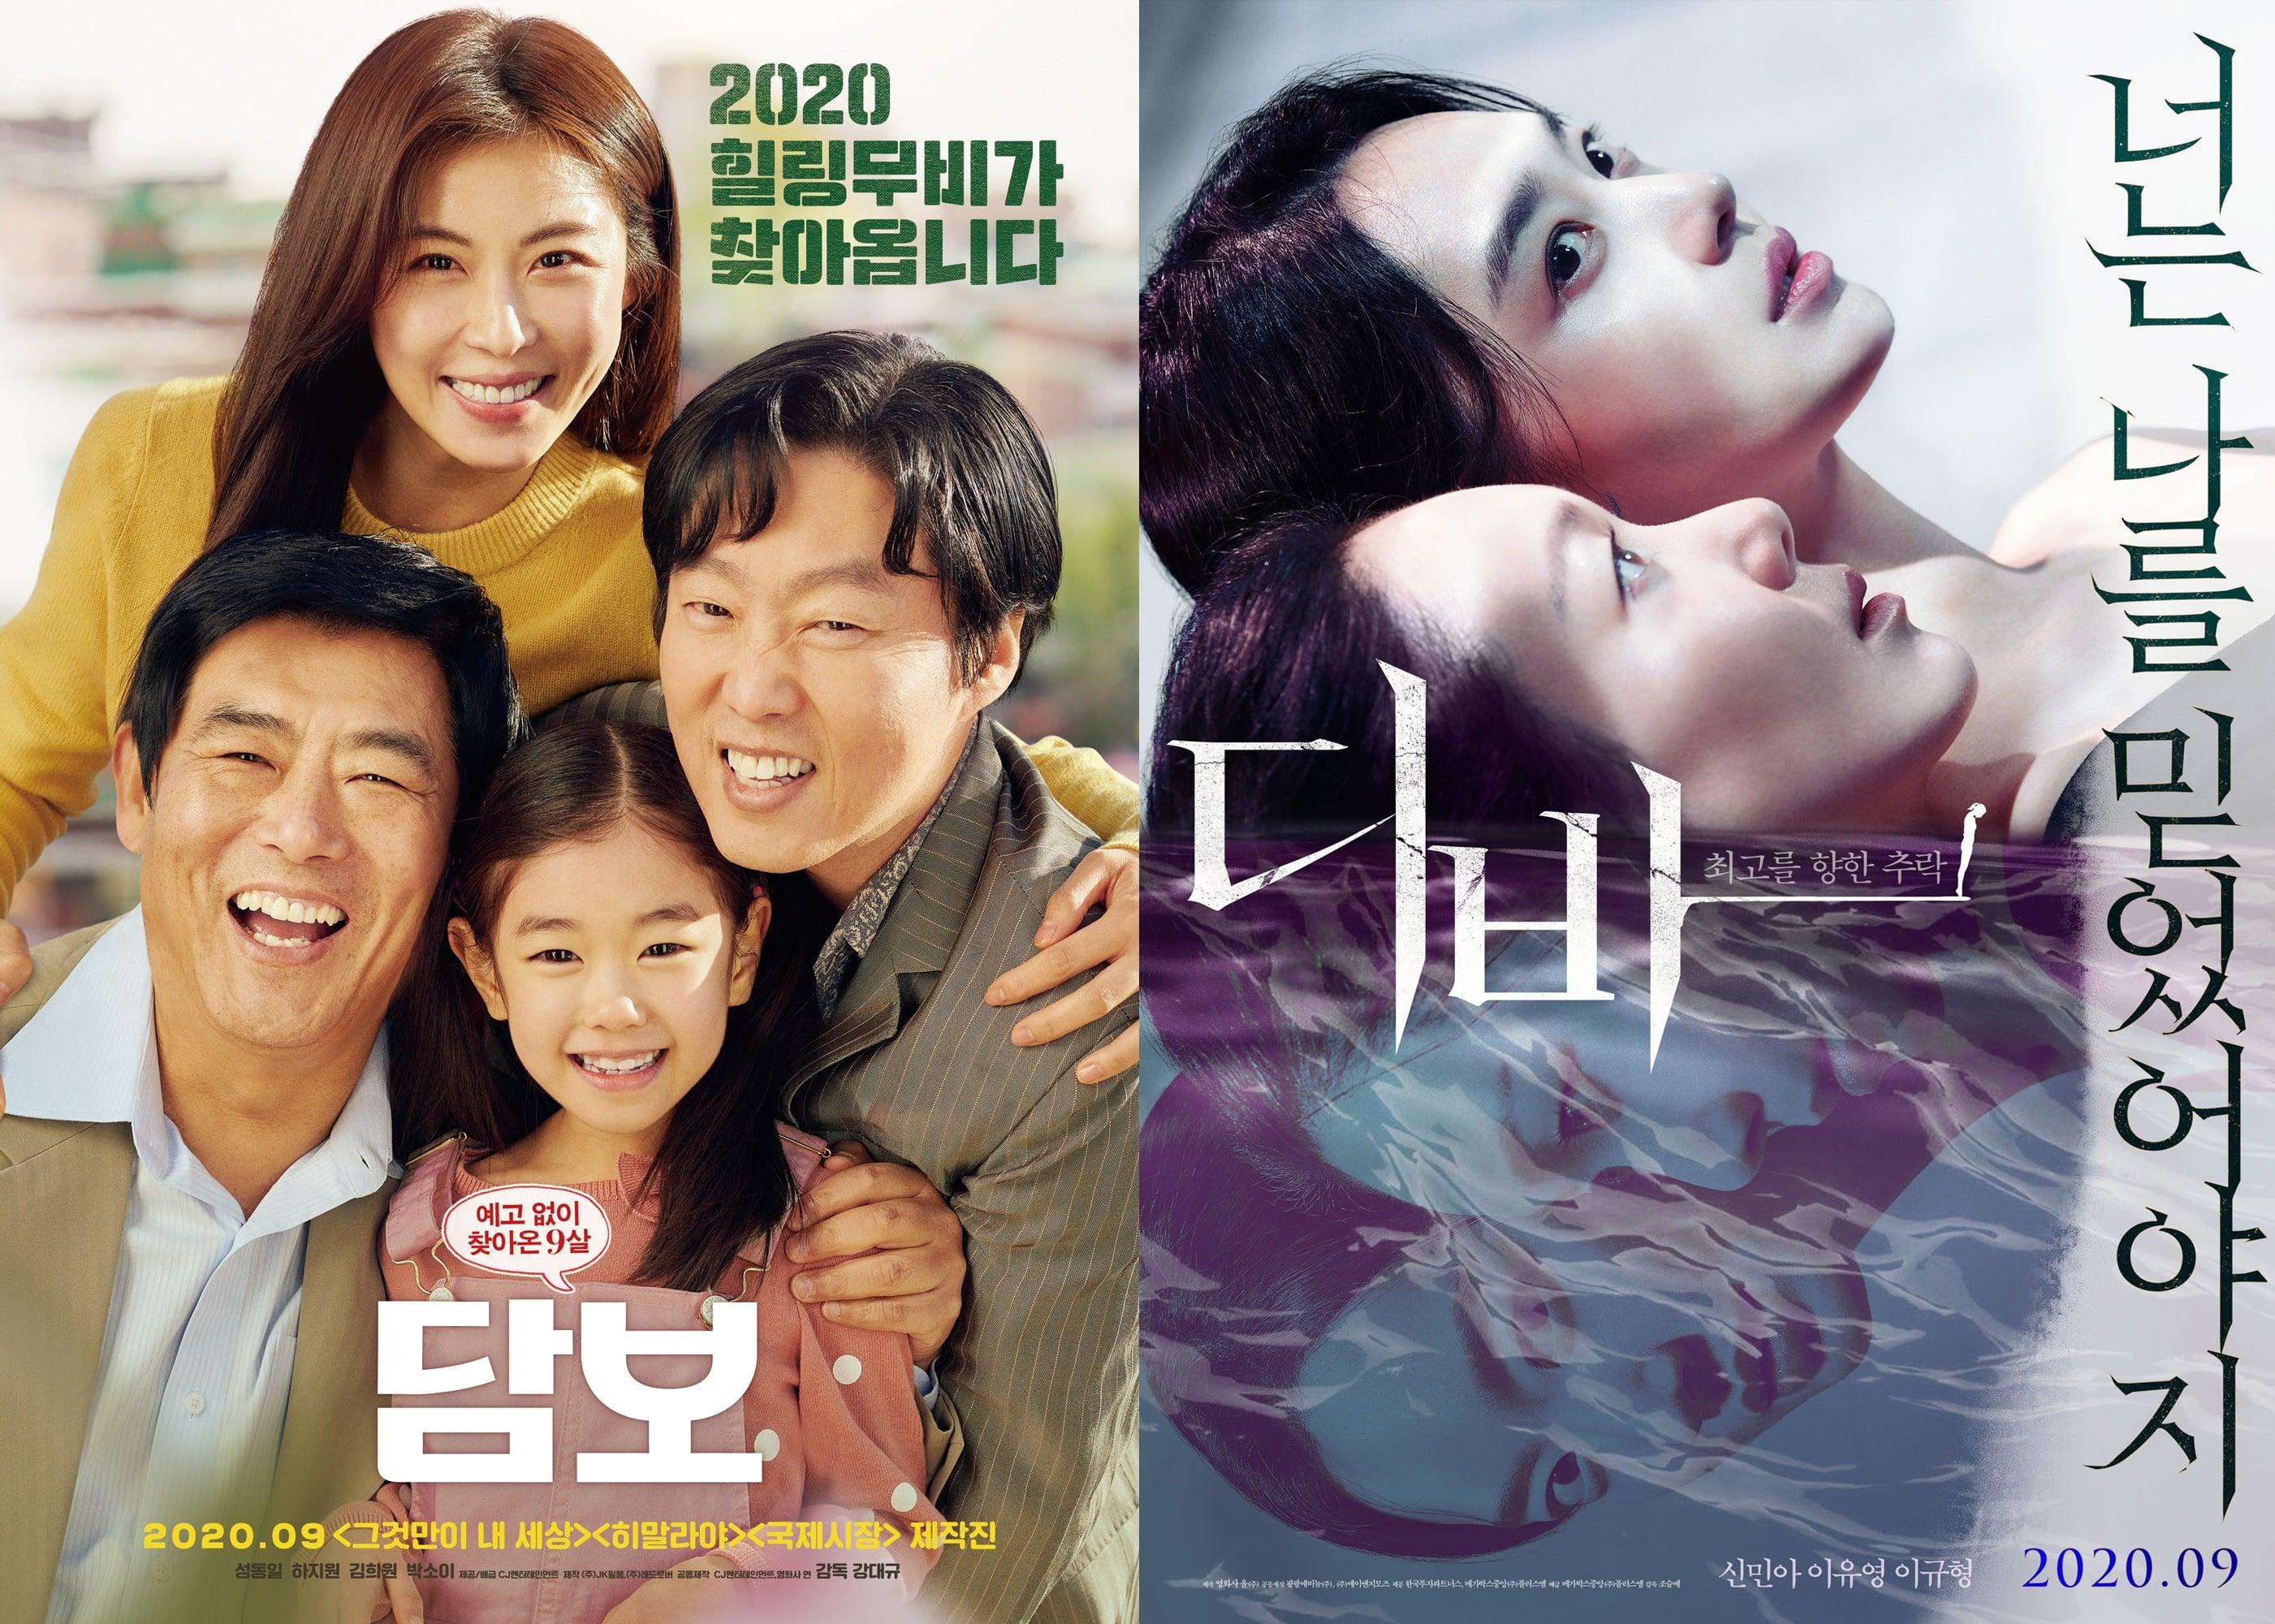 영화 '담보', '디바' 포스터. 사진 CJ 엔터테인먼트, 메가박스중앙(주)플러스엠